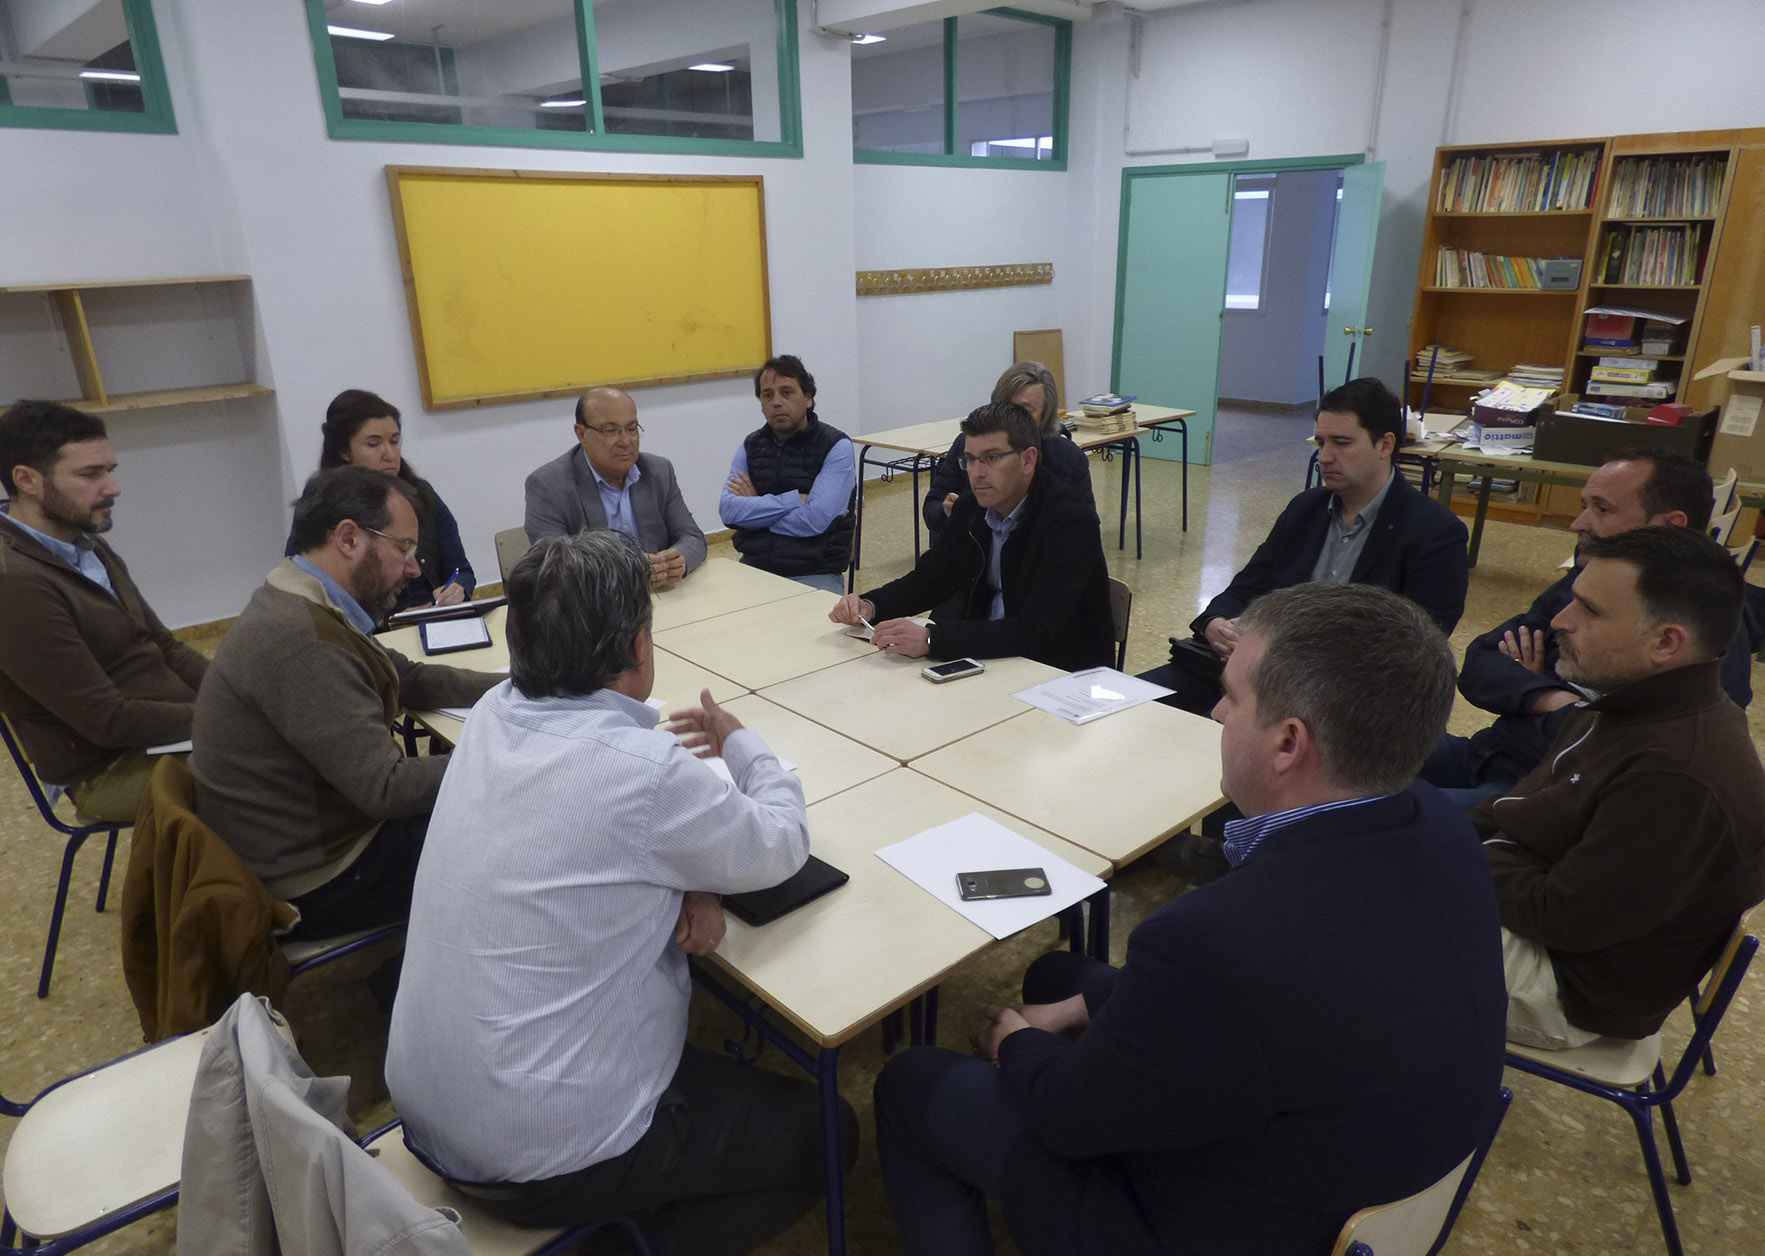 El CEIP Vicent Gironés torna a la normalitat el 10 d'abril El Periòdic d'Ontinyent - Noticies a Ontinyent